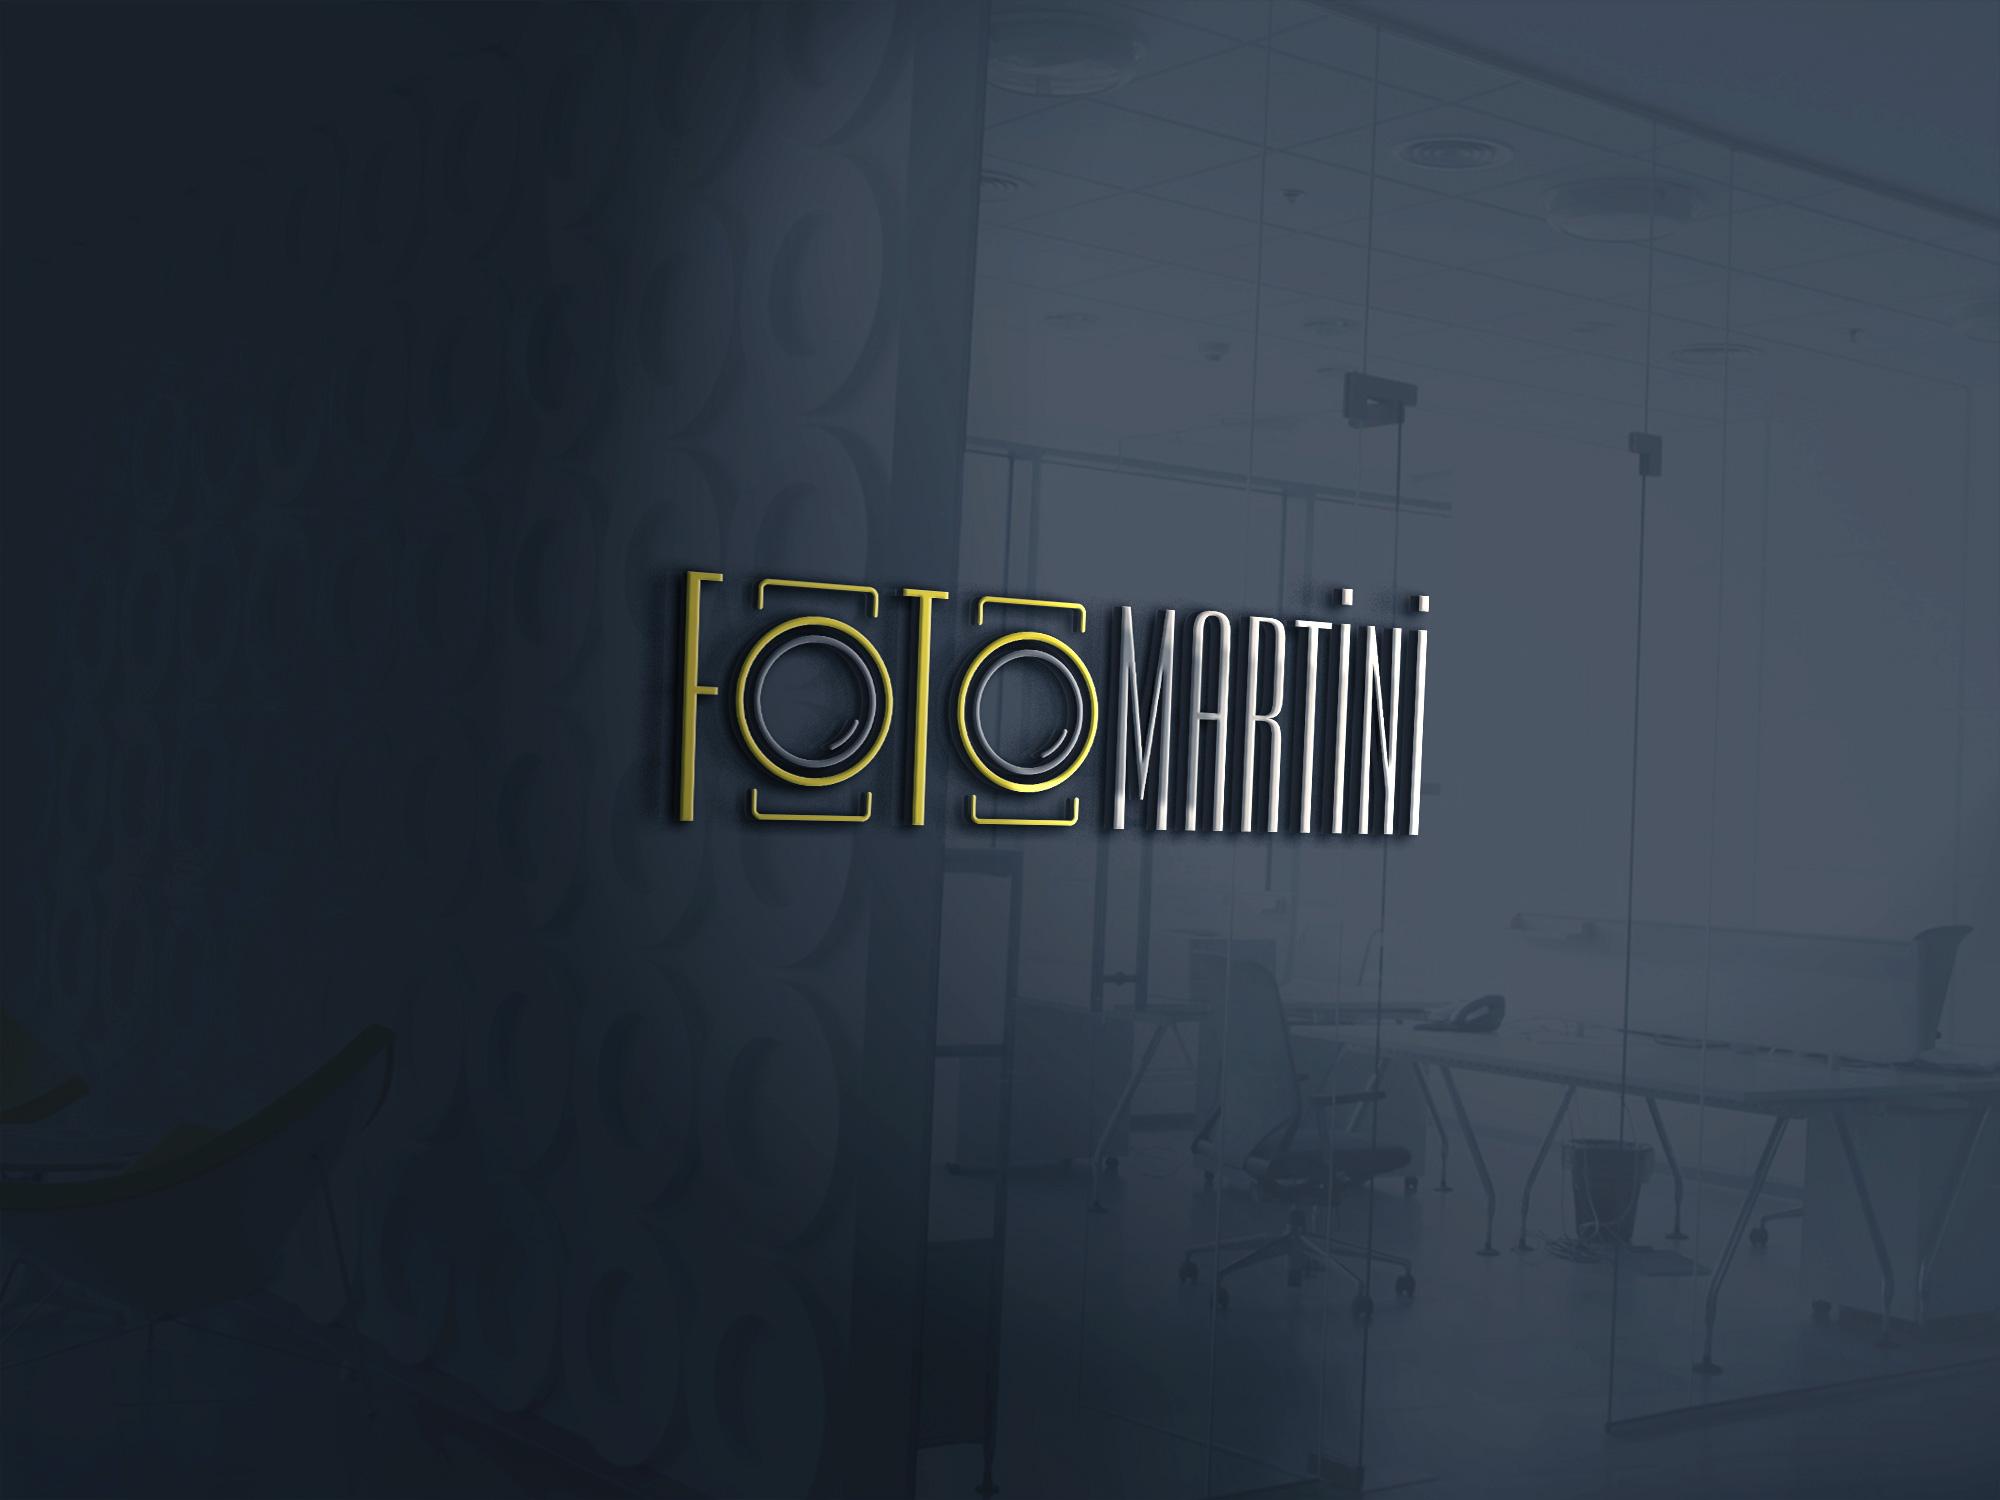 foto martini logo tasarım - Neler Yaptık?